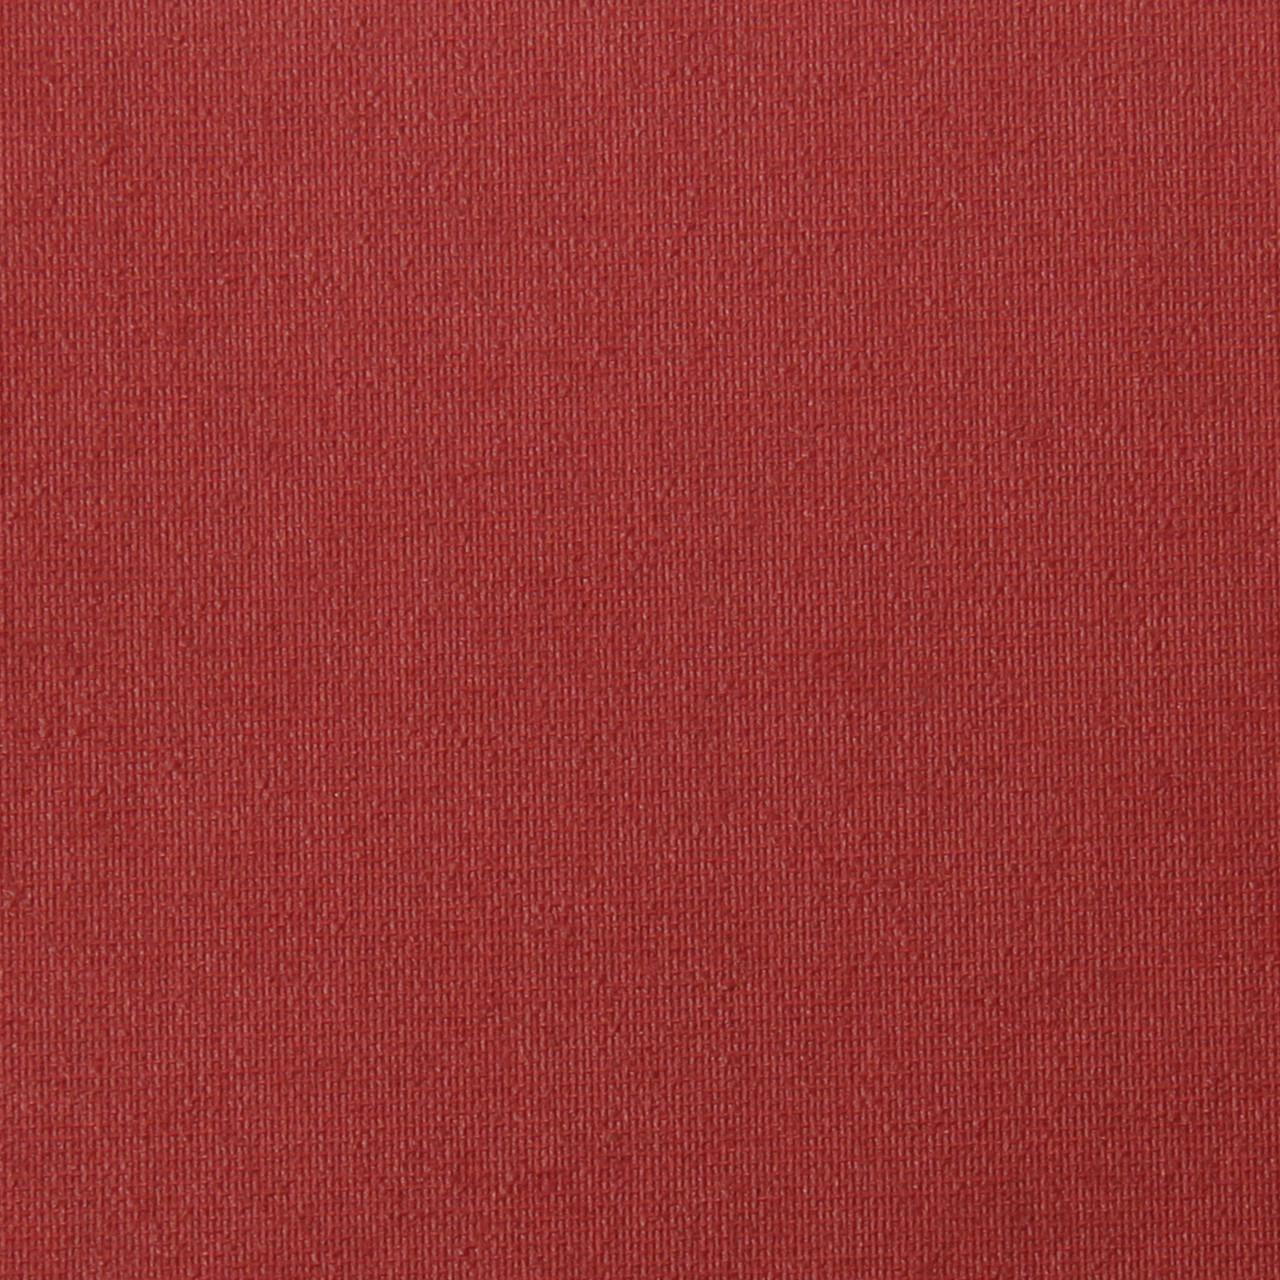 Рулонные шторы Ткань Однотонная А-643 Тропик